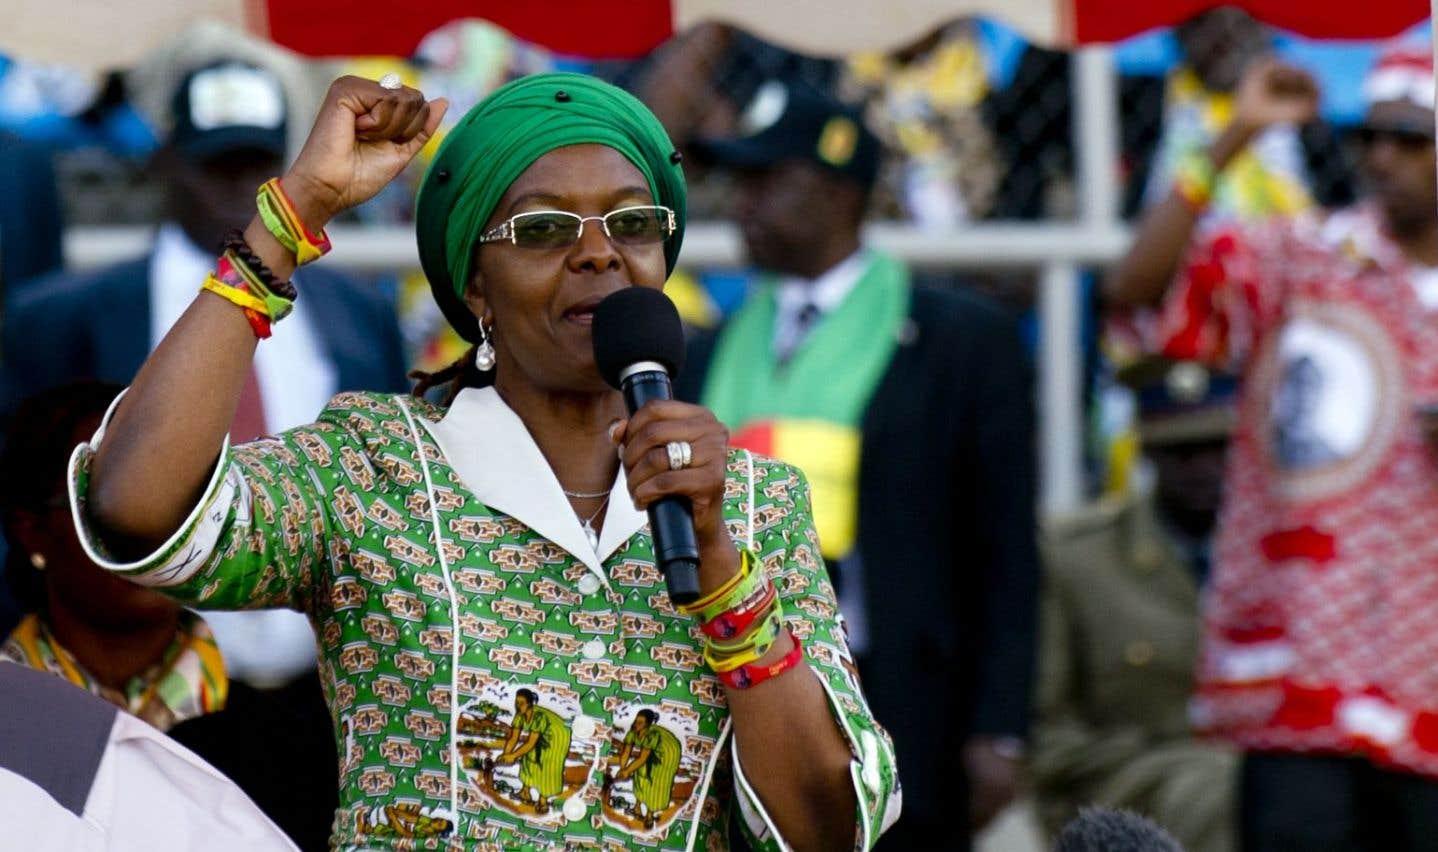 Le gouvernement zimbabwéen n'a fait aucun commentaire sur les derniers déboires de Grace Mugabe, 52ans, connue pour ses accès de colère.